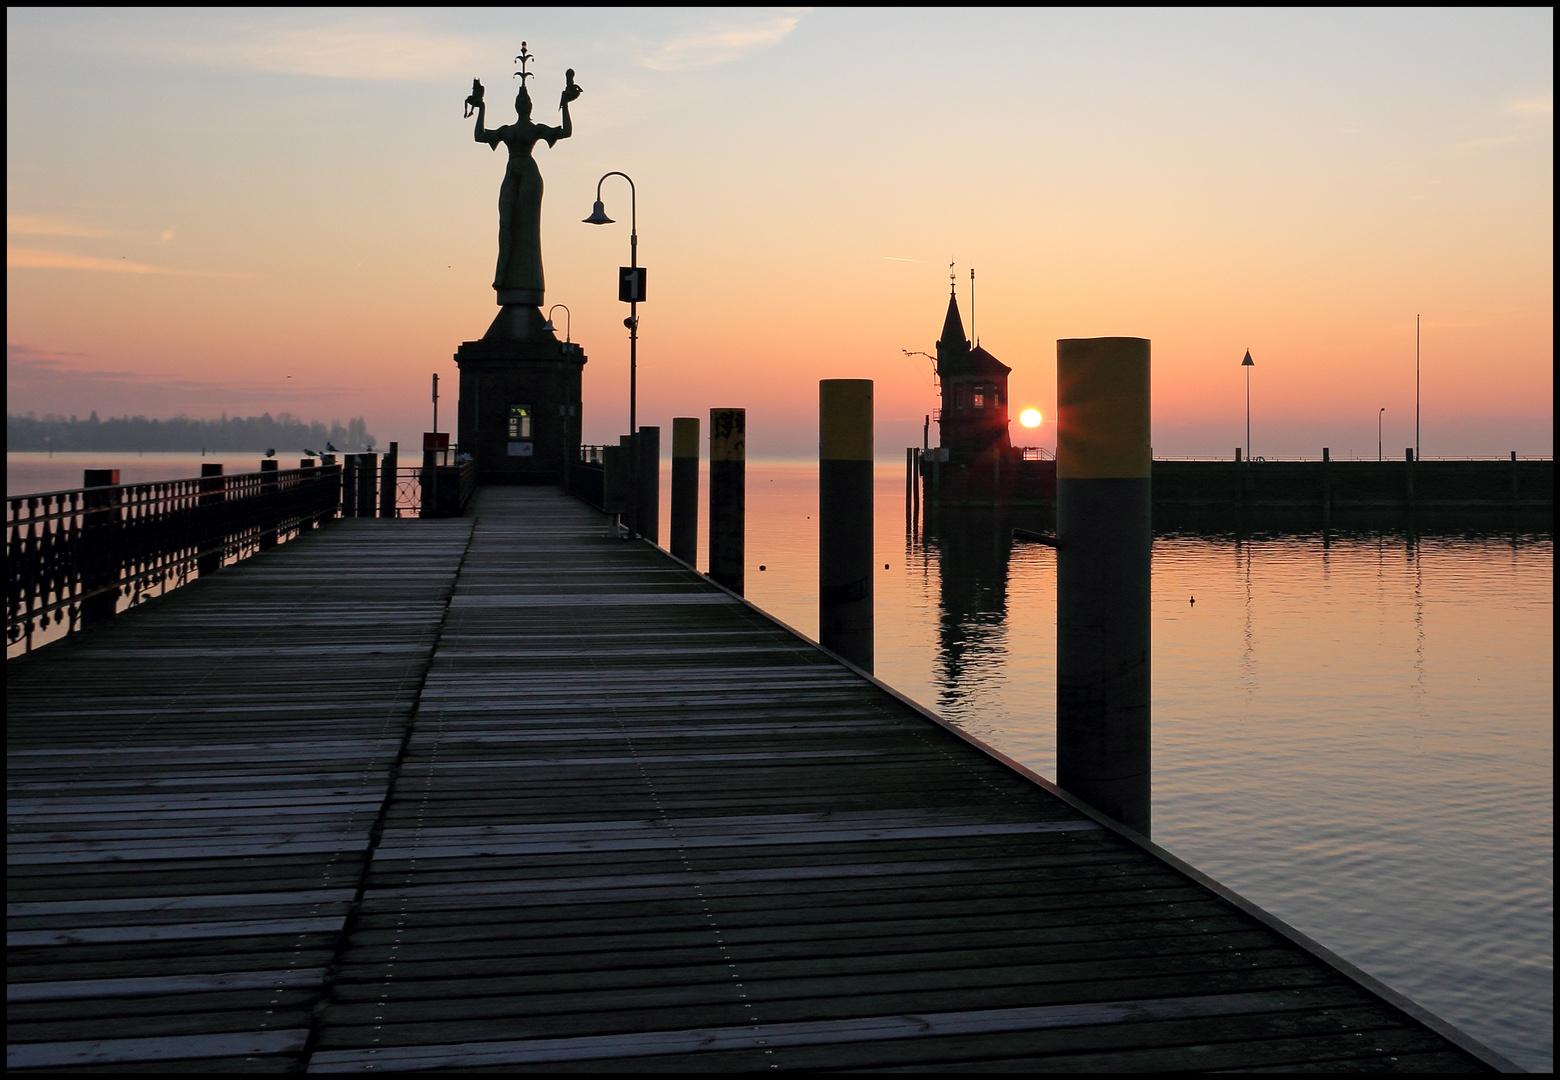 Sonnenaufgang am Konstanzer Hafen